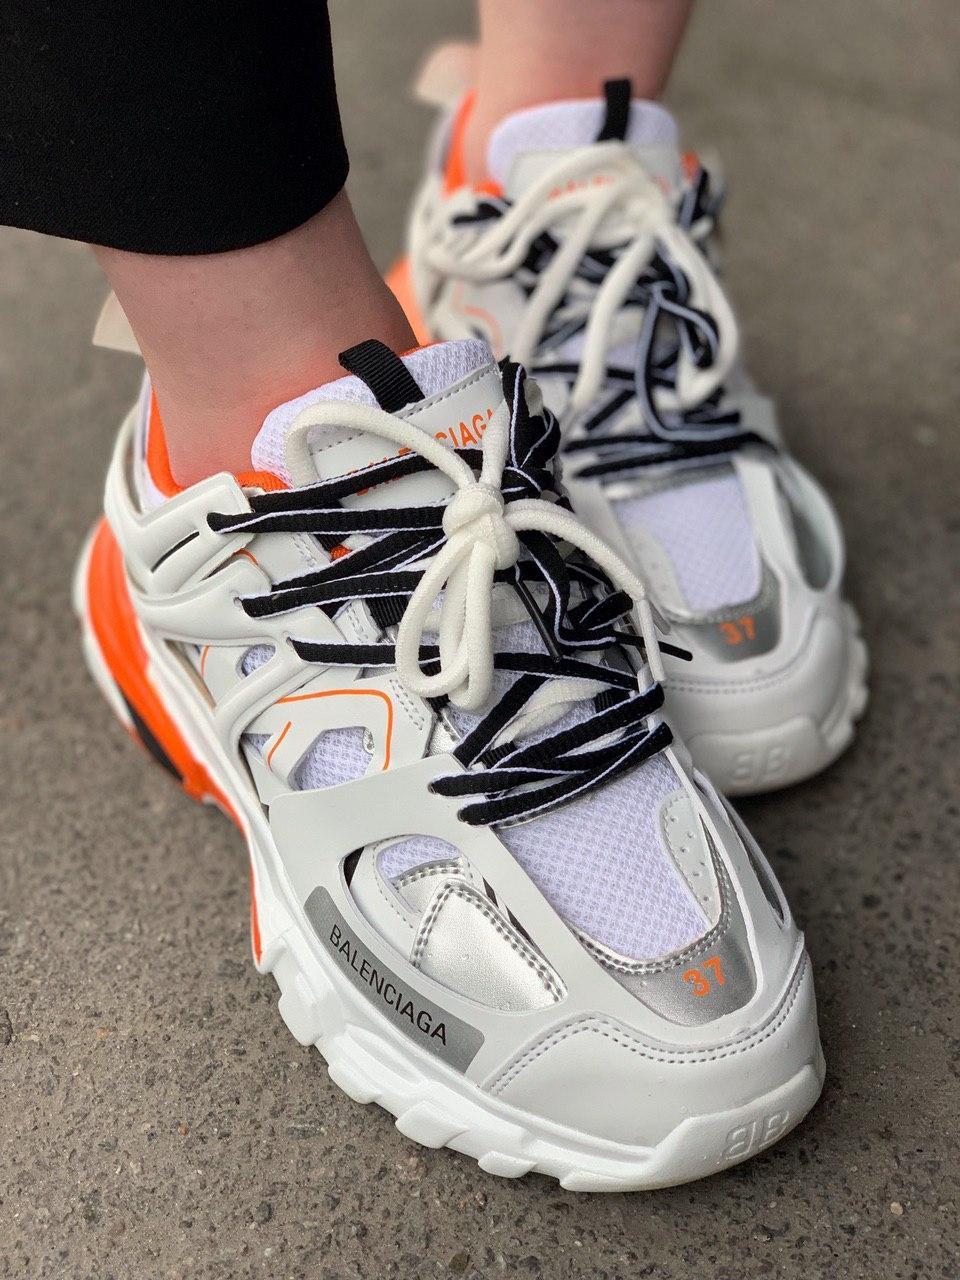 Женские Кроссовки Balenciaga Track White Orange Баленсиага Трек